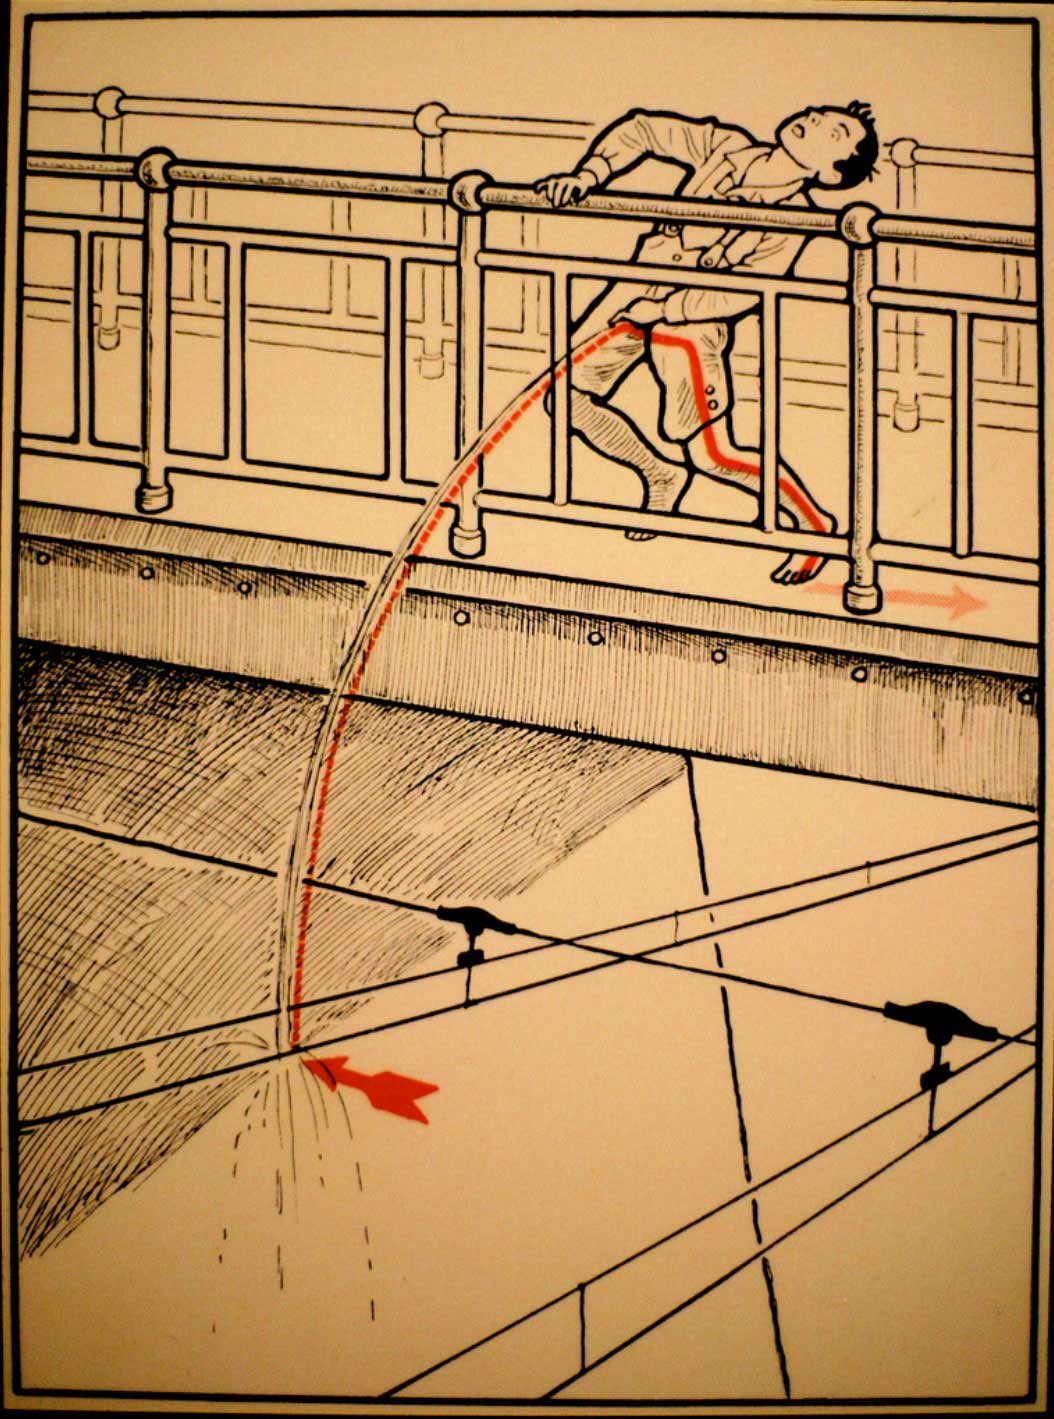 1931 wurde vor skurrilen Arten eines Stromschlages gewarnt Elektroschutz-in-132-Bildern_01